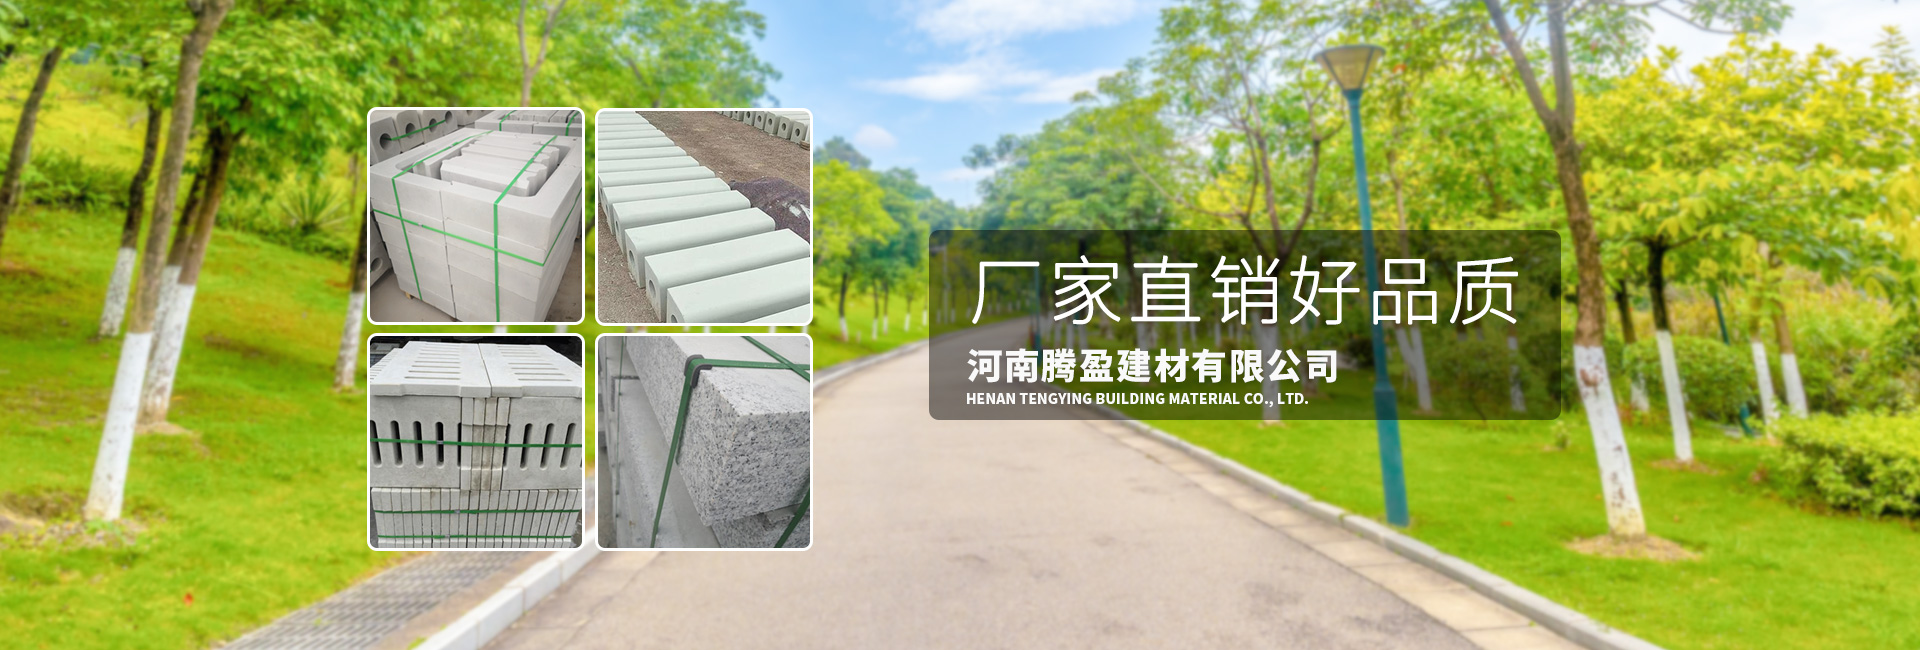 郑州路边石